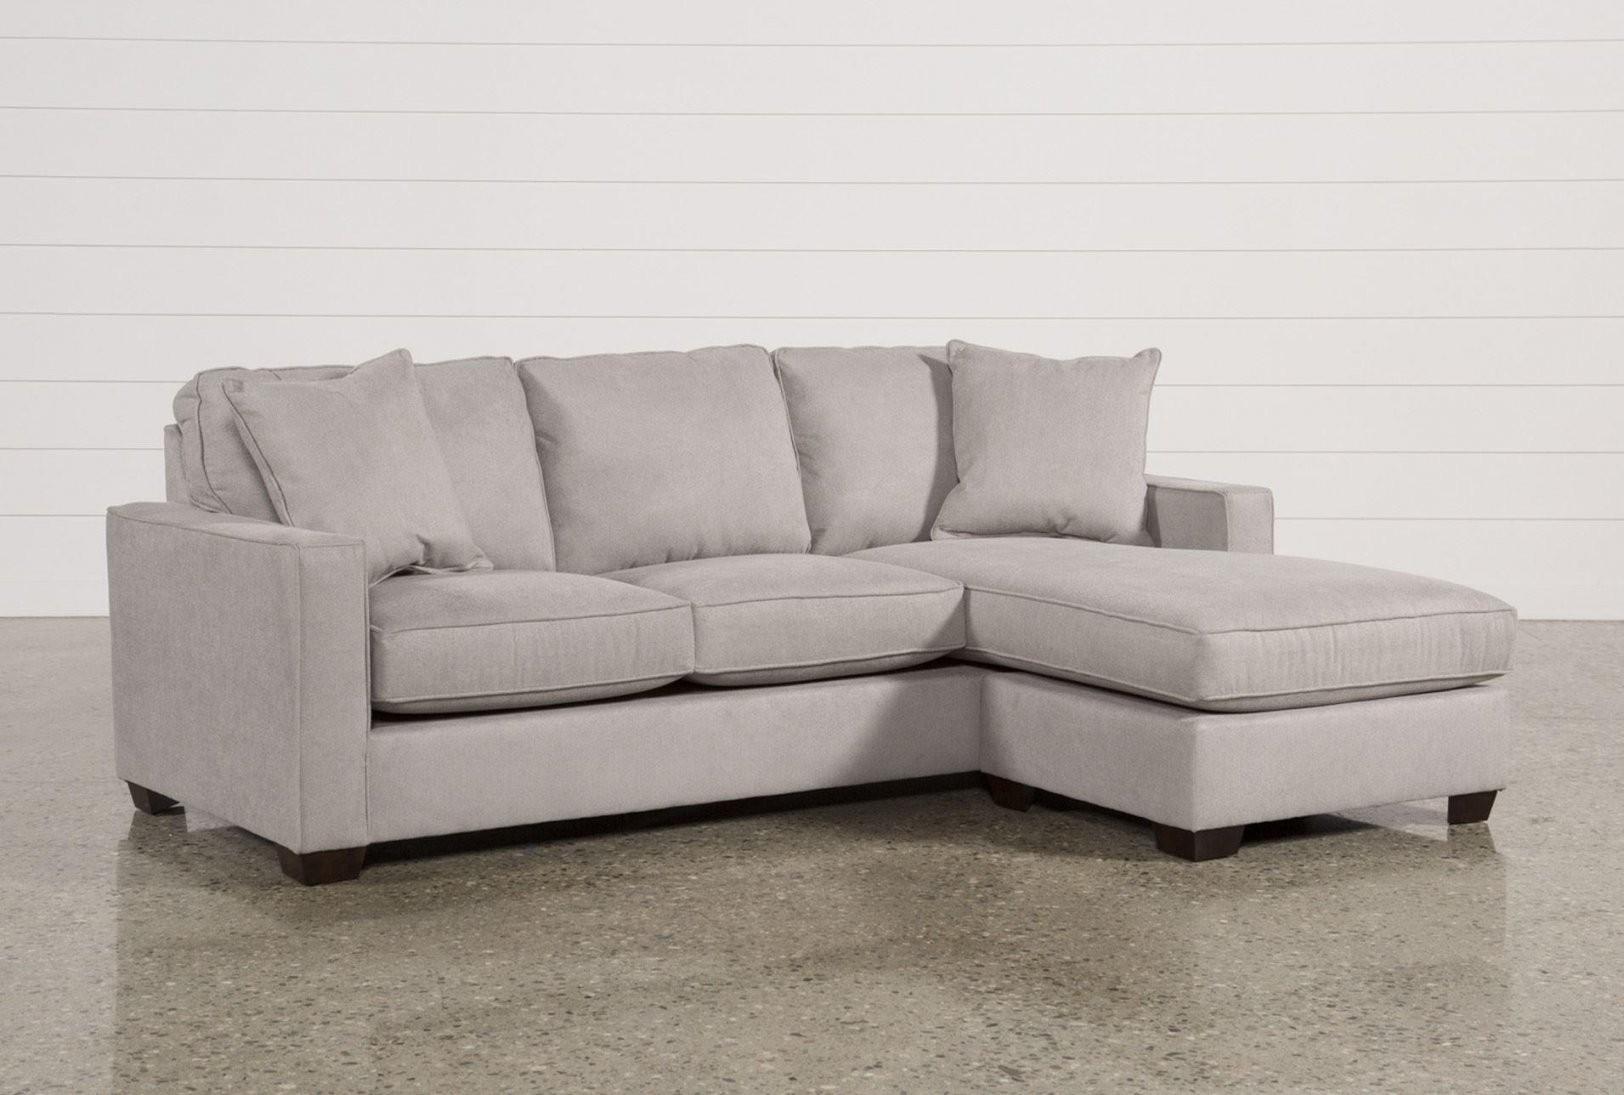 2 Sitzer Sofa Zum Ausziehen Luxus Best 3 Sofas Hoteleikenhof von 2 Sitzer Sofa Zum Ausziehen Bild